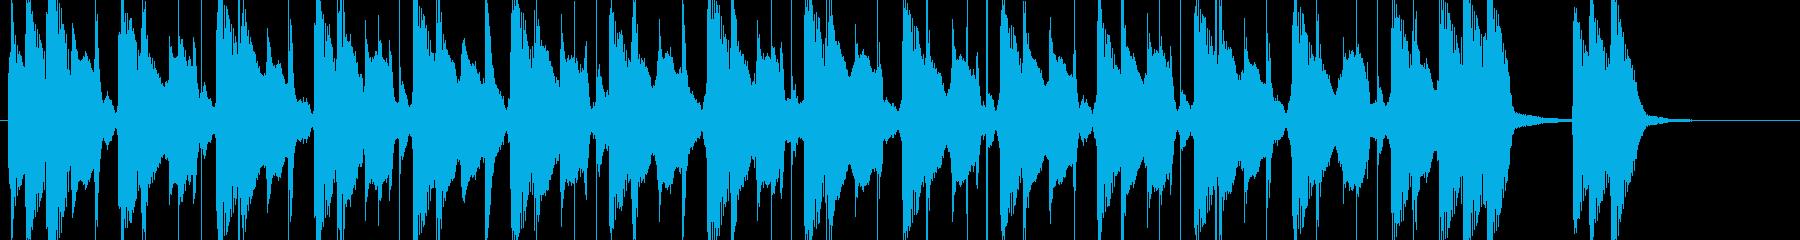 軽快な太鼓とグィロのグルーヴ プレーナの再生済みの波形